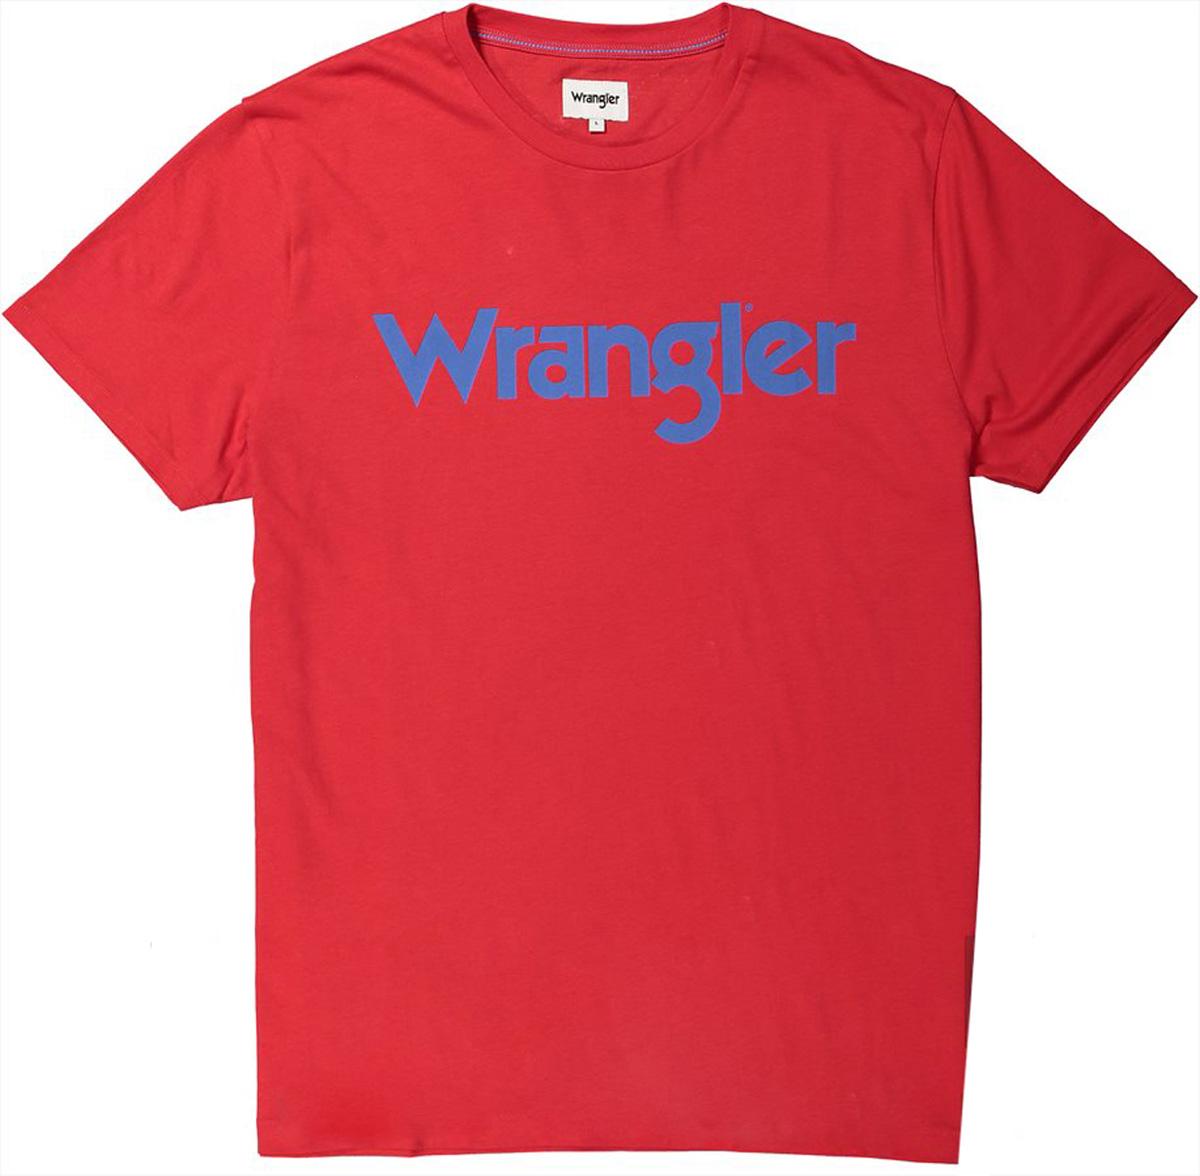 Футболка мужская Wrangler, цвет: красный. W7A86D374. Размер M (48)W7A86D374